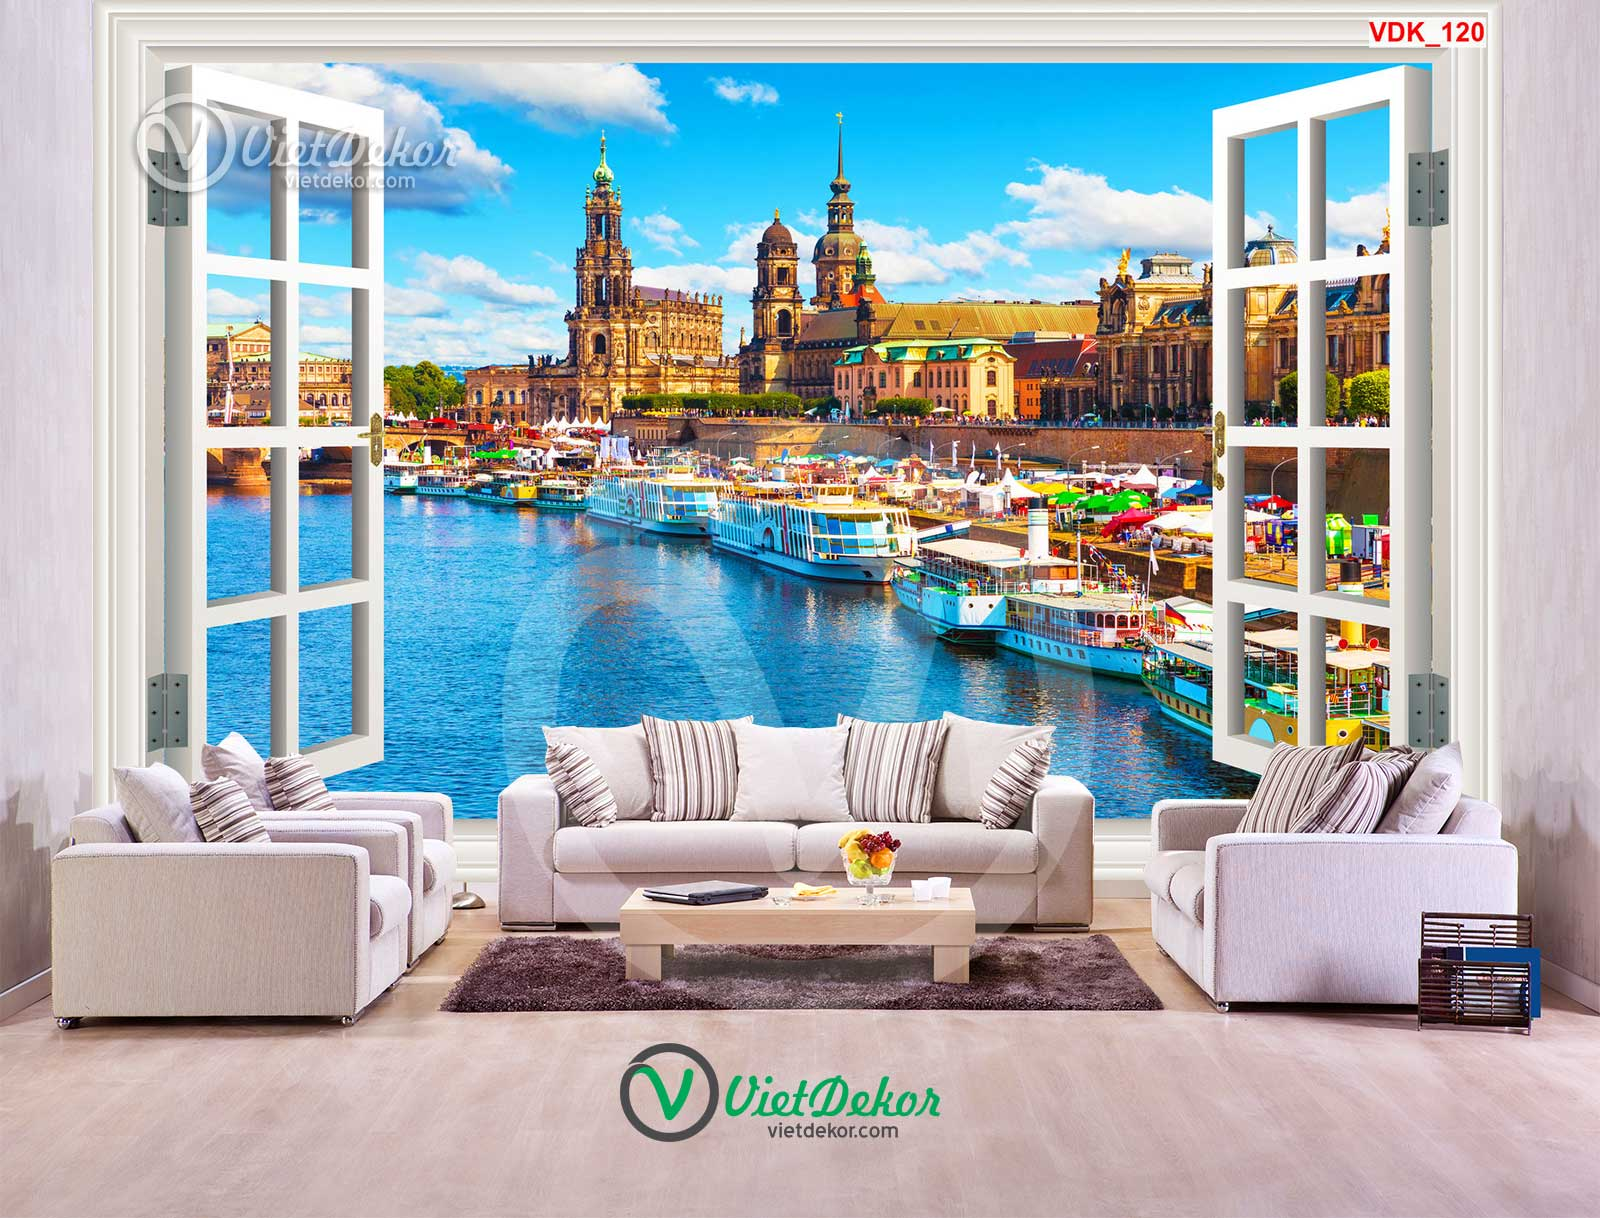 Tranh 3d cửa sổ cho phòng khách đẹp